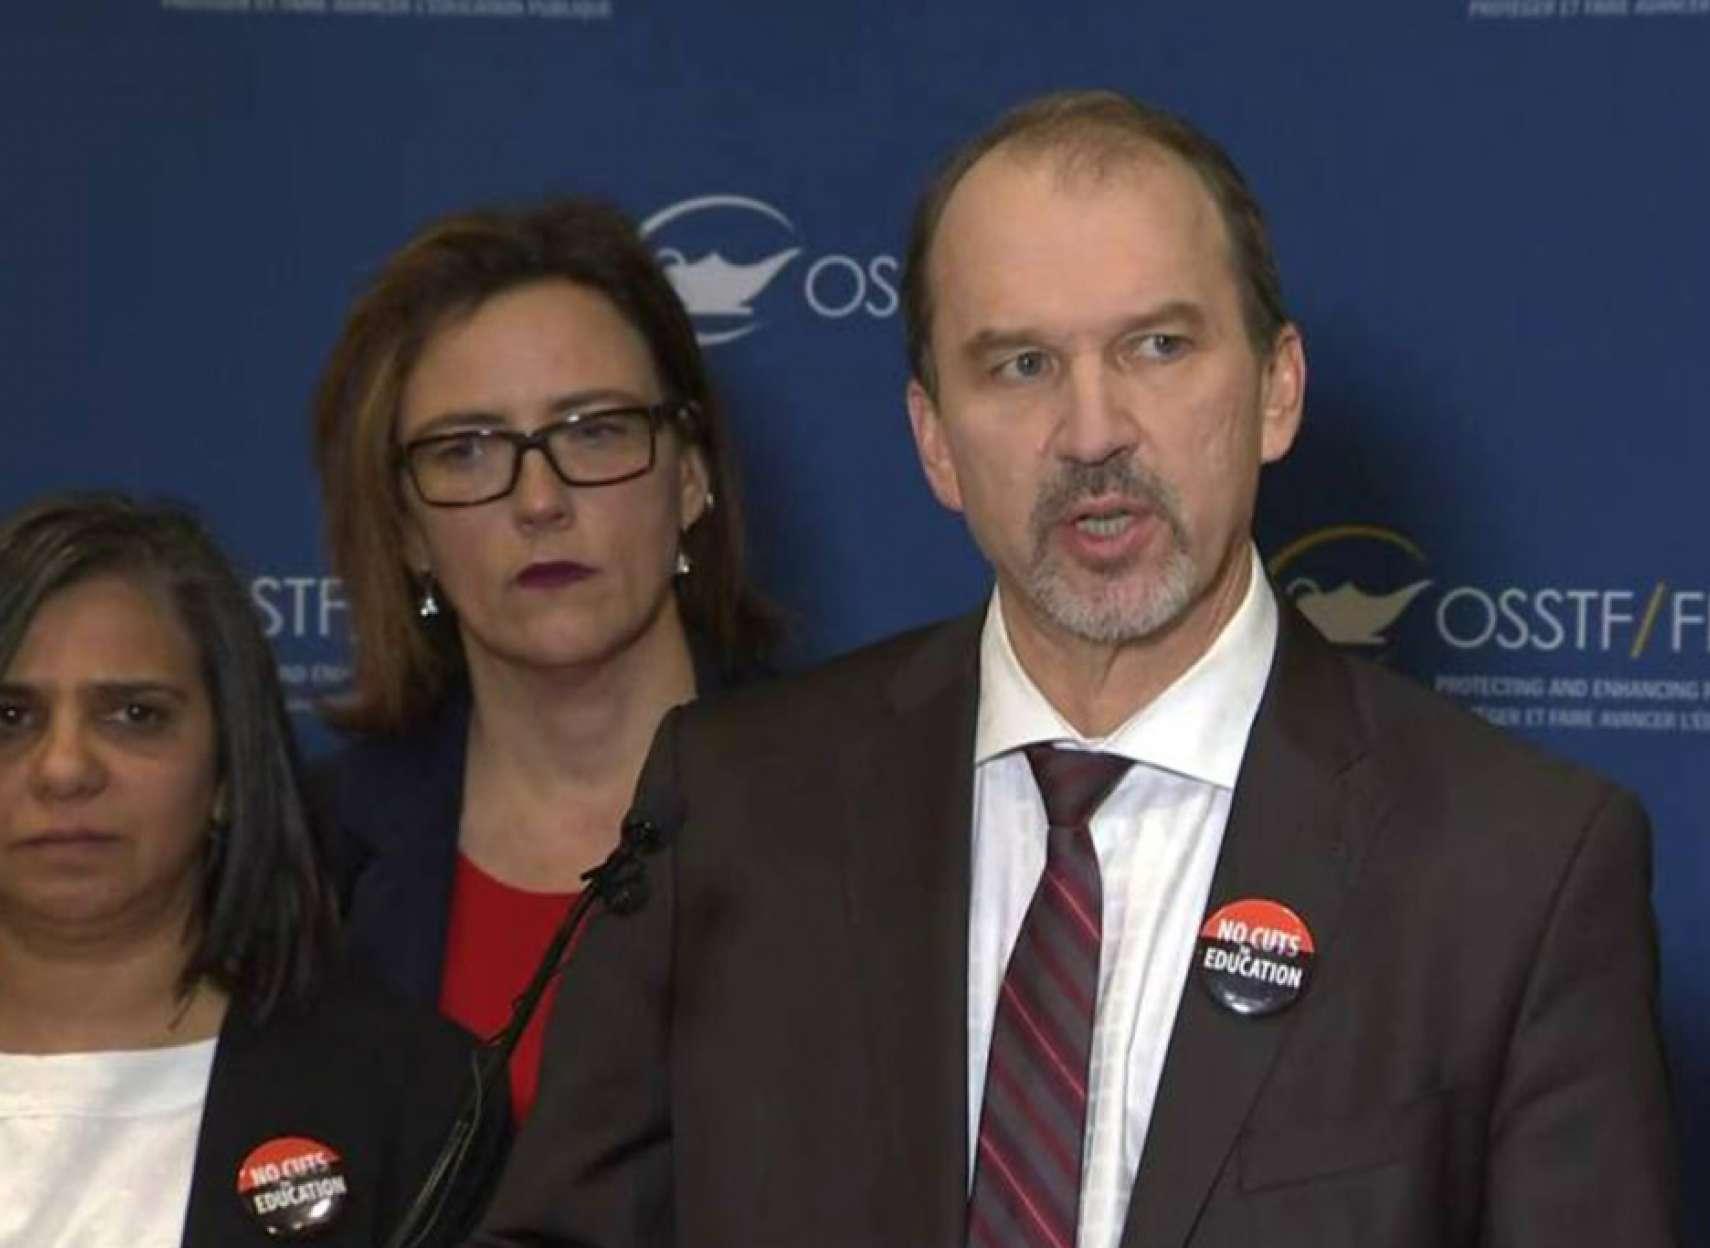 اخبار-تورنتو-دبیرستانهای-انتاریو-11-دسامبر-هم-یکروزه-اعتصاب-کردند